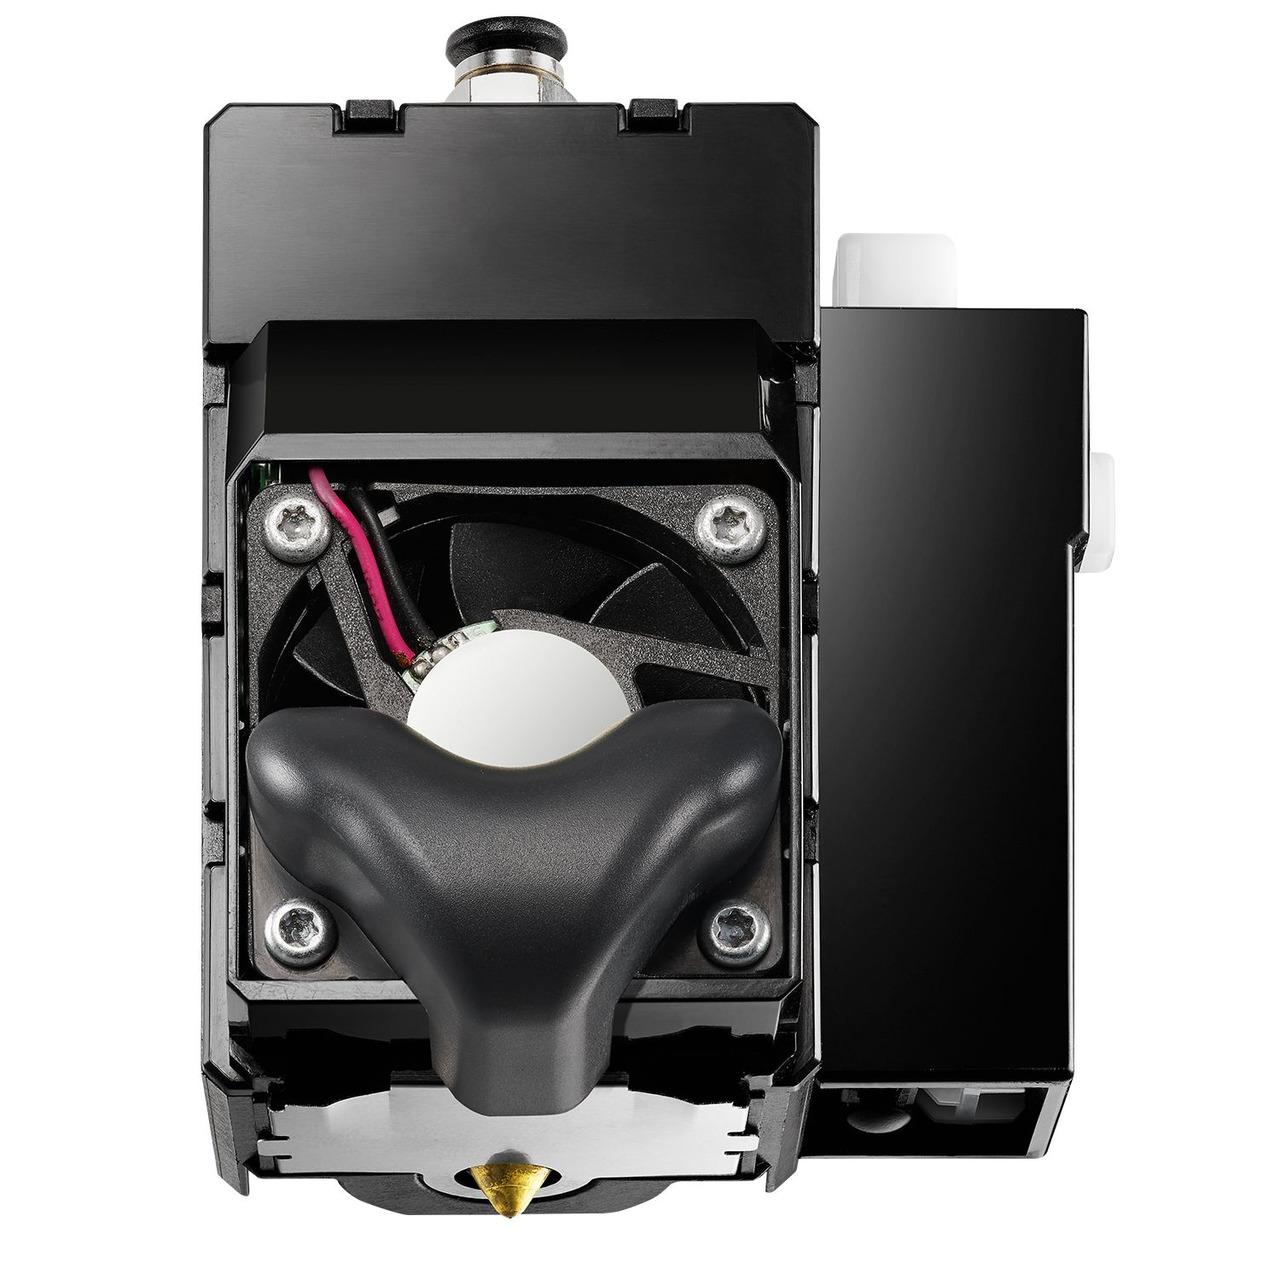 XYZprinting HSS-Edelstahl-Extruder für 3D-Drucker da Vinci Junior Pro X+- 0-4 mm